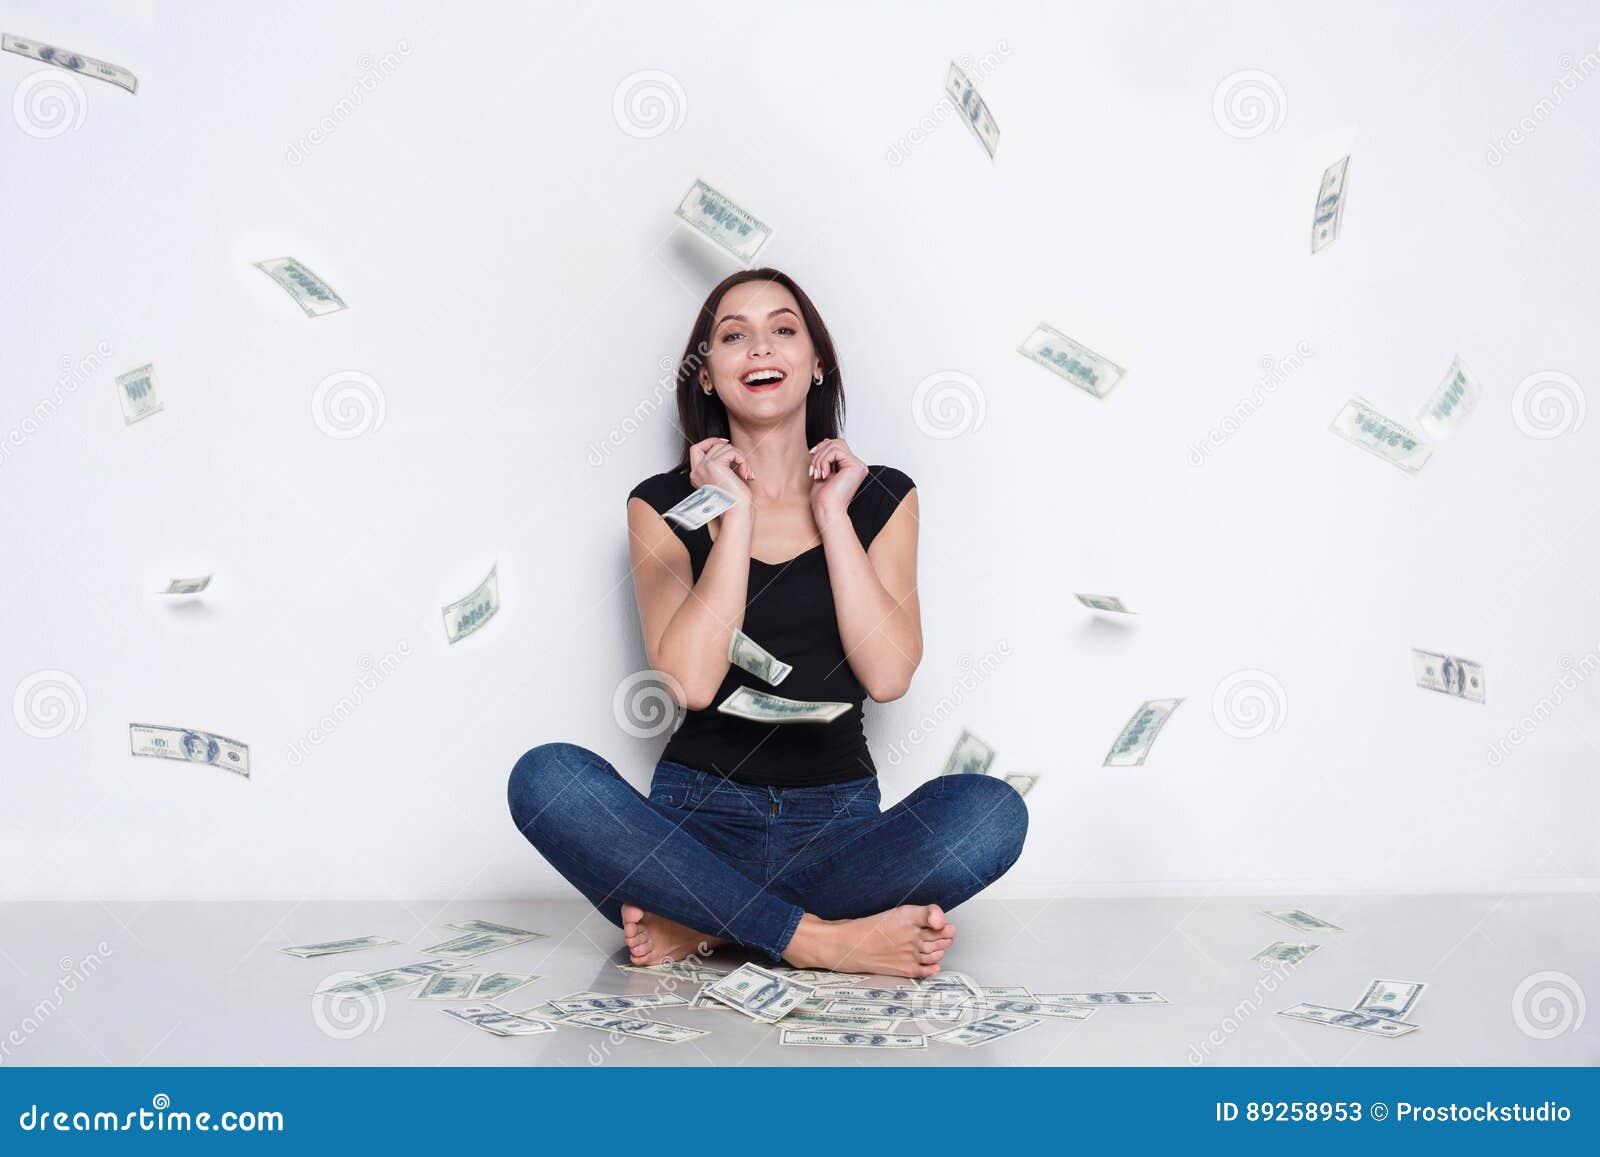 Kobieta pod pieniądze deszczem, loteryjna najwyższa wygrana, sukces